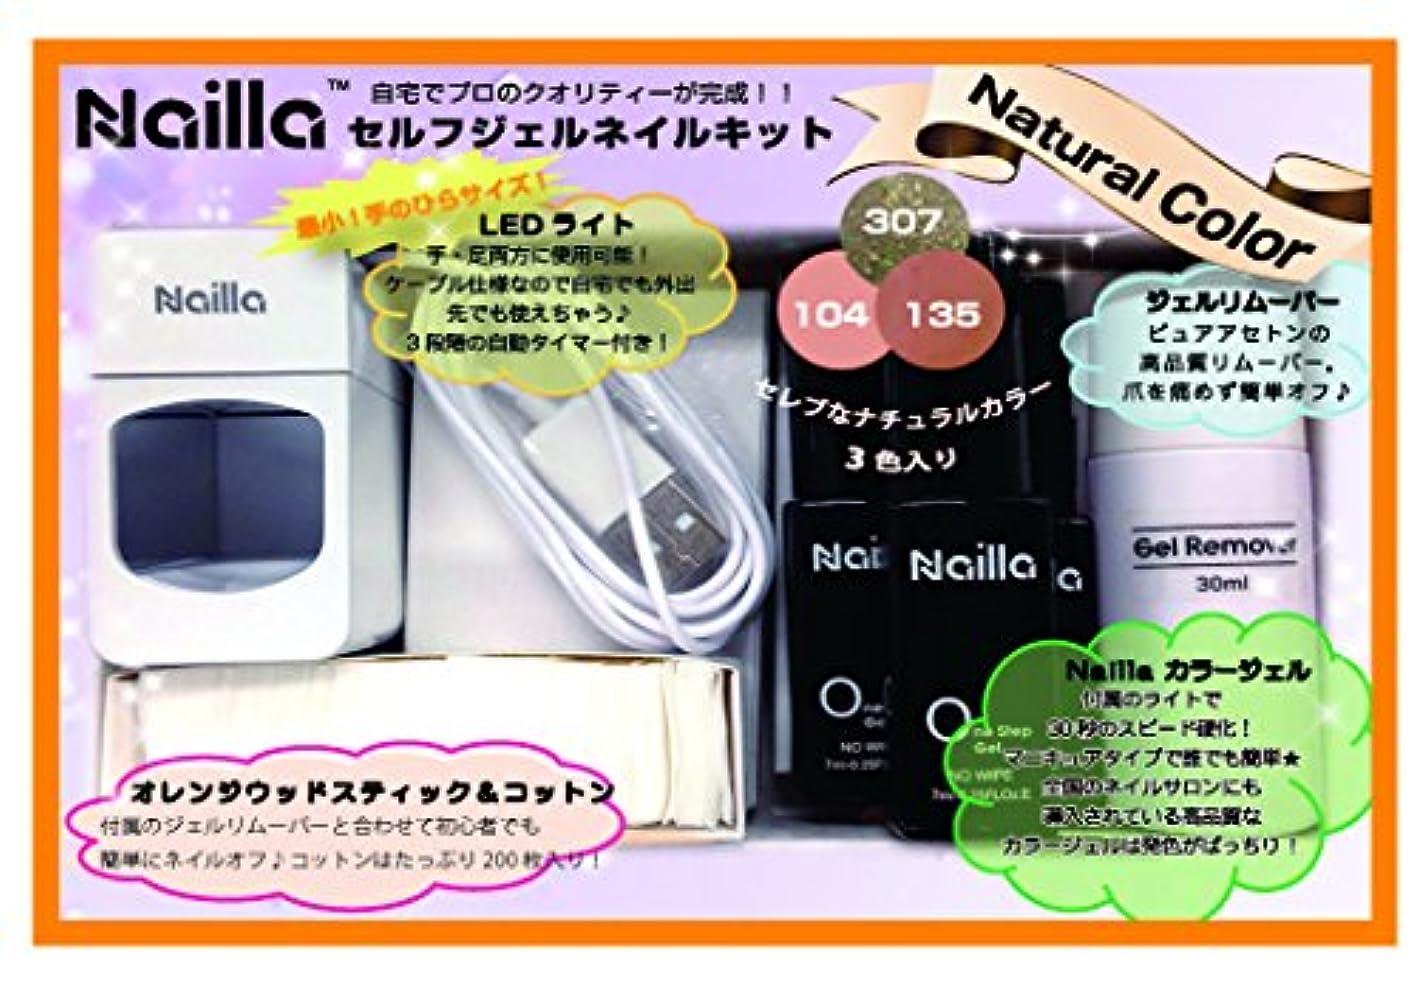 配管工不機嫌そうないいねネイラ(Nailla)ジェルネイルキット ナチュラルカラー(104?307?135) / 7ml